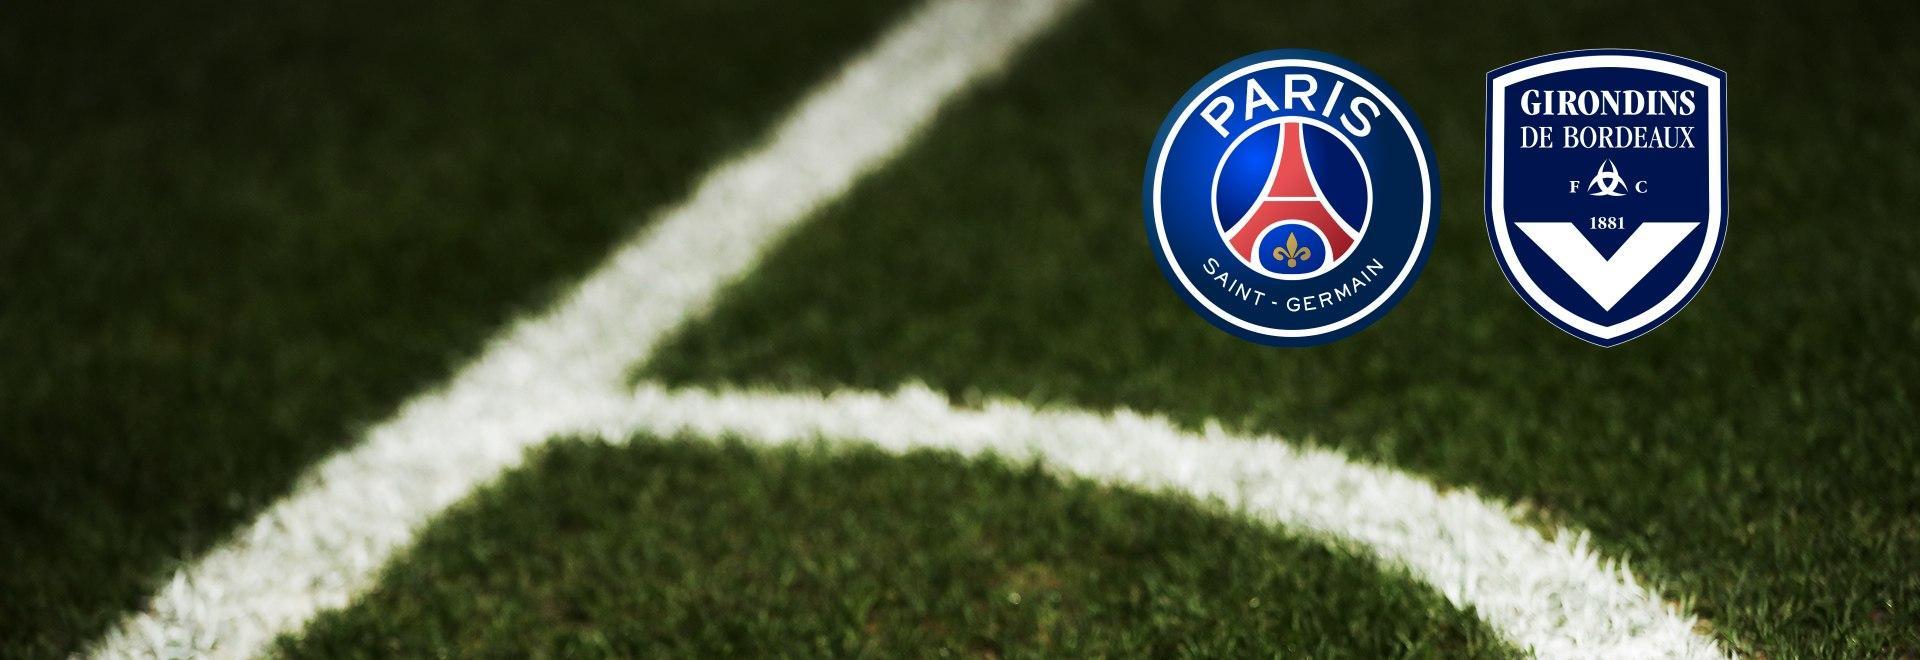 PSG - Bordeaux. 26a g.